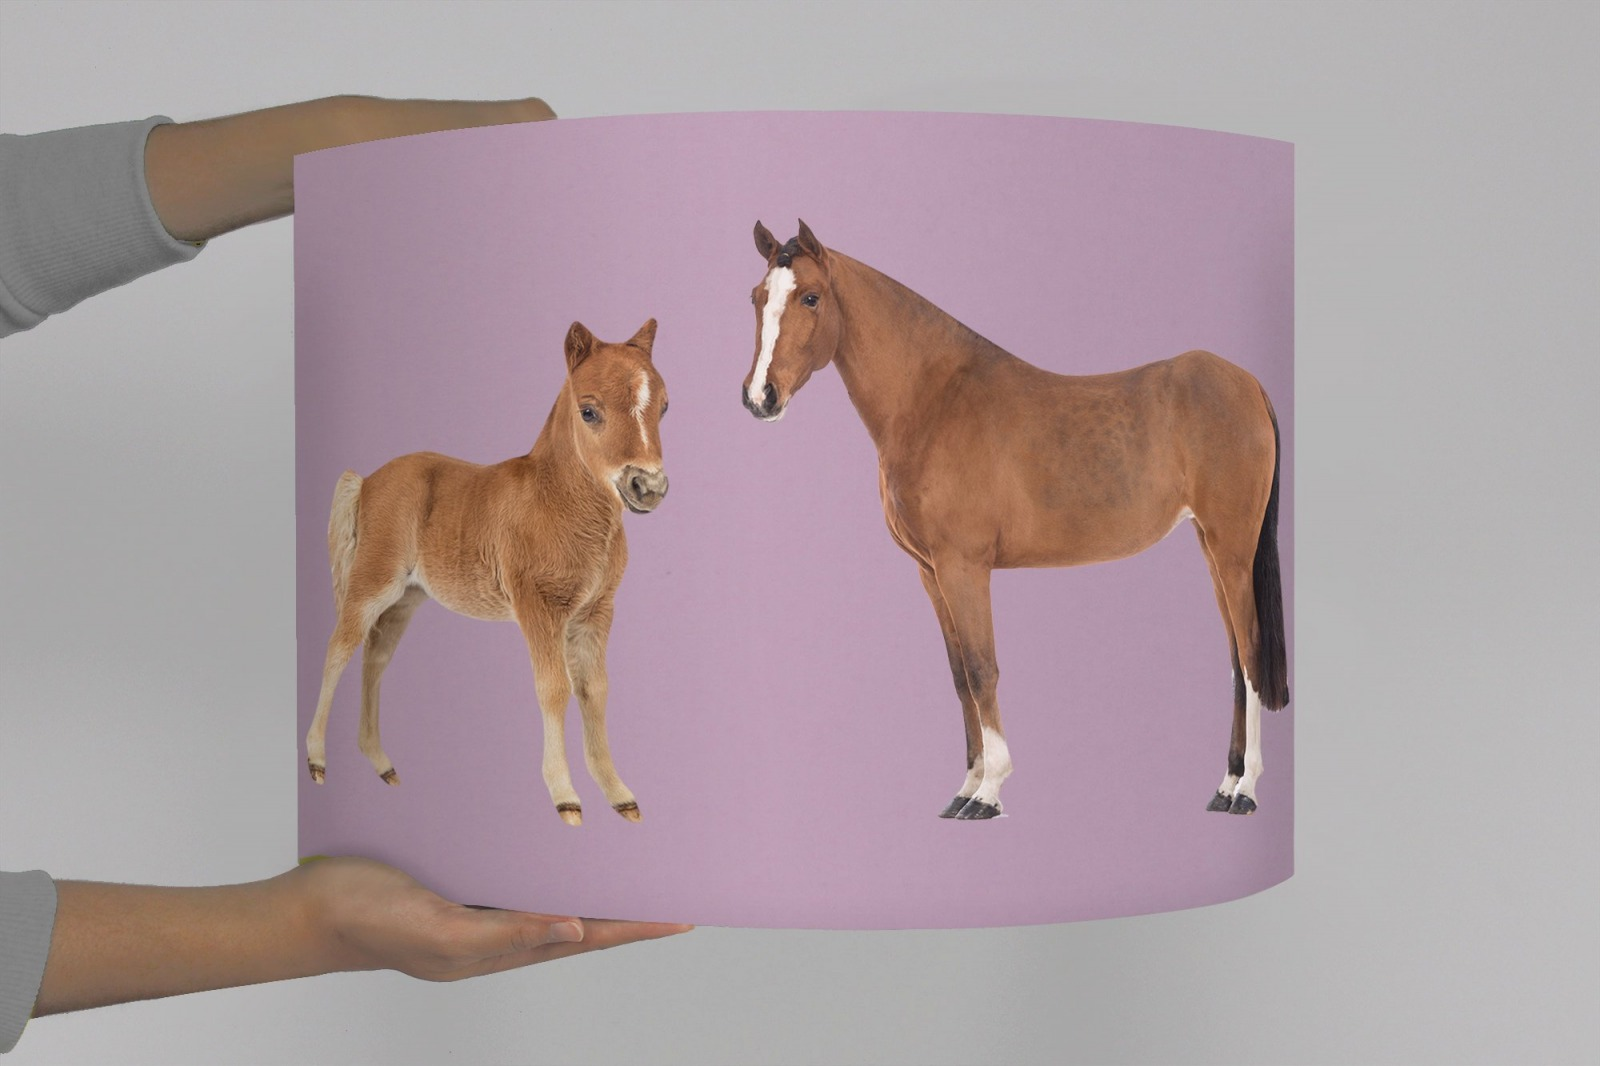 Kinderlampe Lampenschirm Pferde Pferdeherde Bauernhof Reiten Fohlen Baby  Babylampe Mädchen Mädchenlampe Kinderzimmer rosa lila